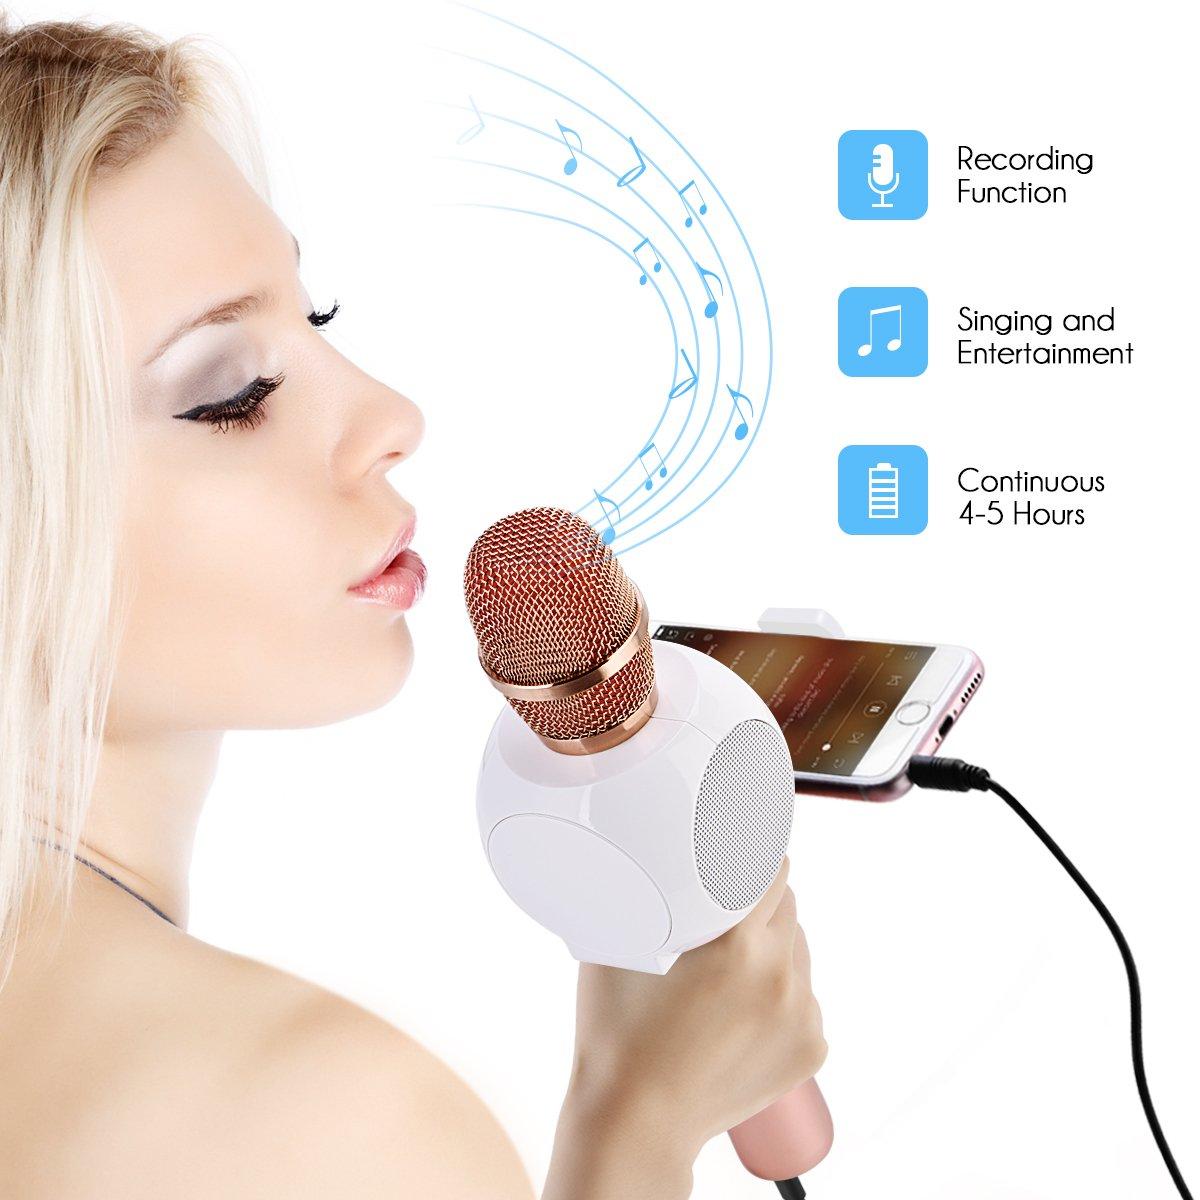 oro rosa Micr/ófono del Karaoke del PDA para el Hogar KTV HURRISE Micr/ófono Inal/ámbrico Port/átil Micr/ófono y Altavoz del Karaoke de Bluetooth Sistema Android y Tabletas Conectando con iOS